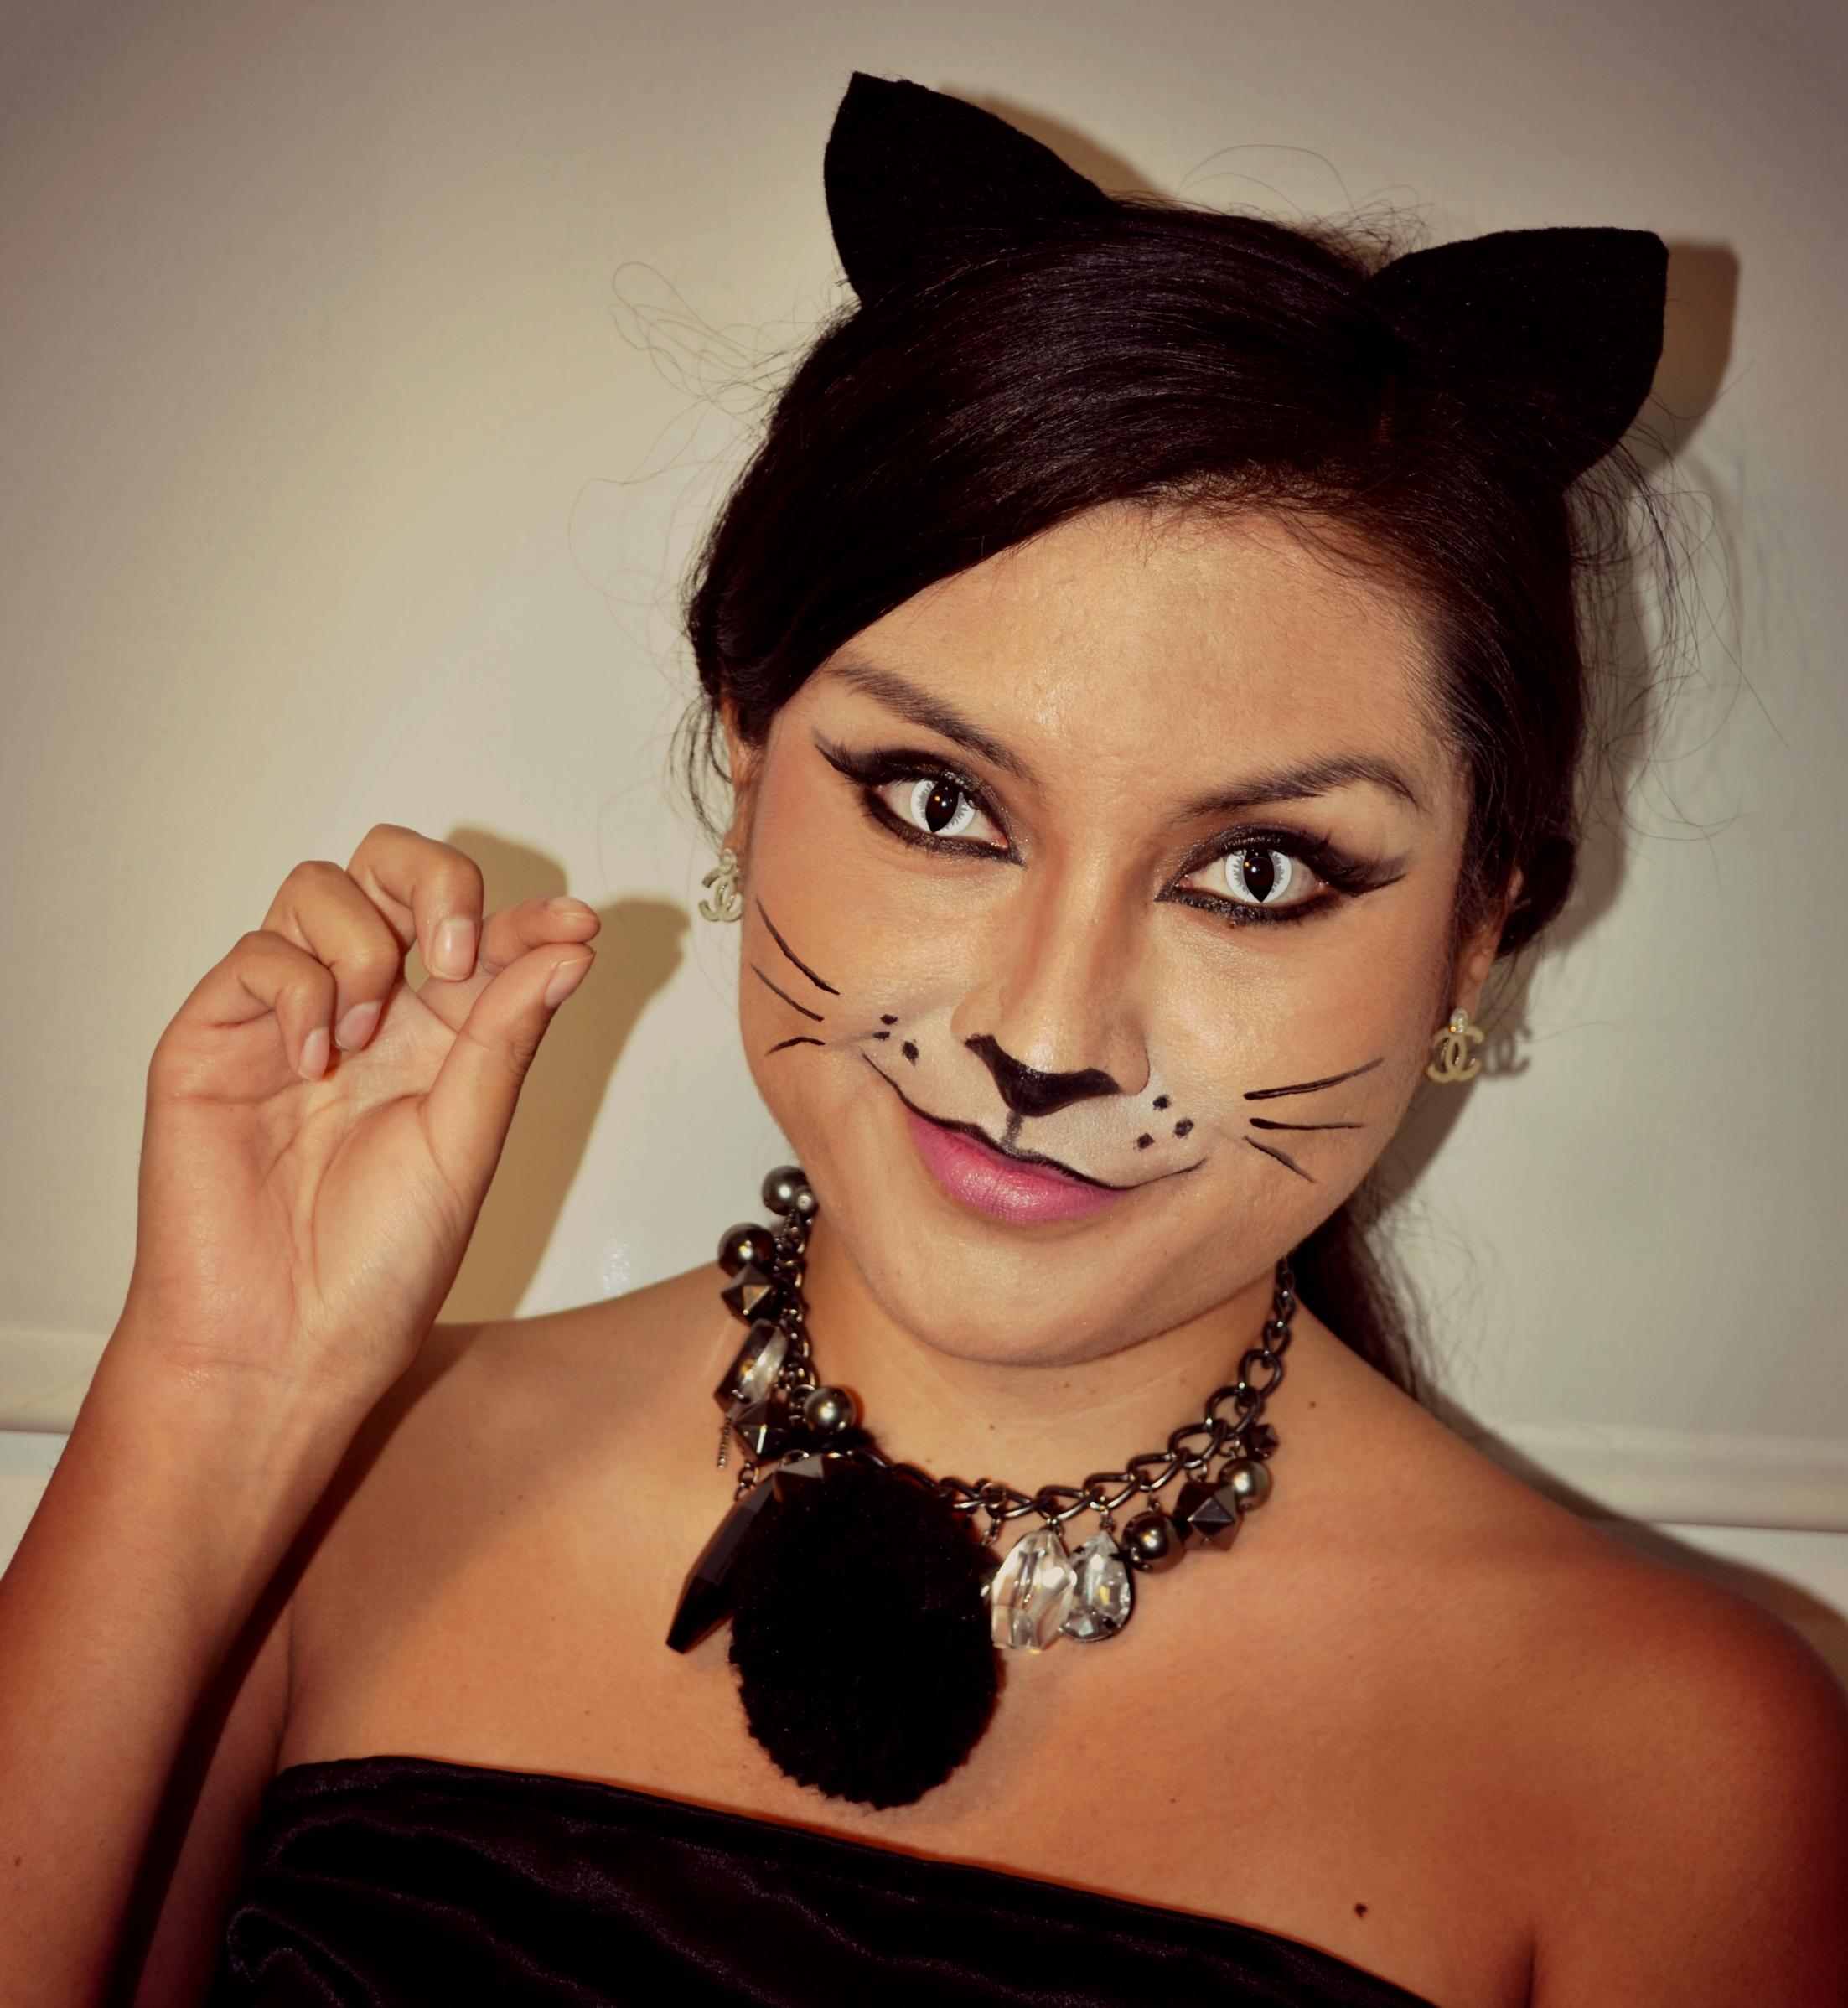 Как сделать кошачий макияж? Примеры. Пошаговая инструкция 47